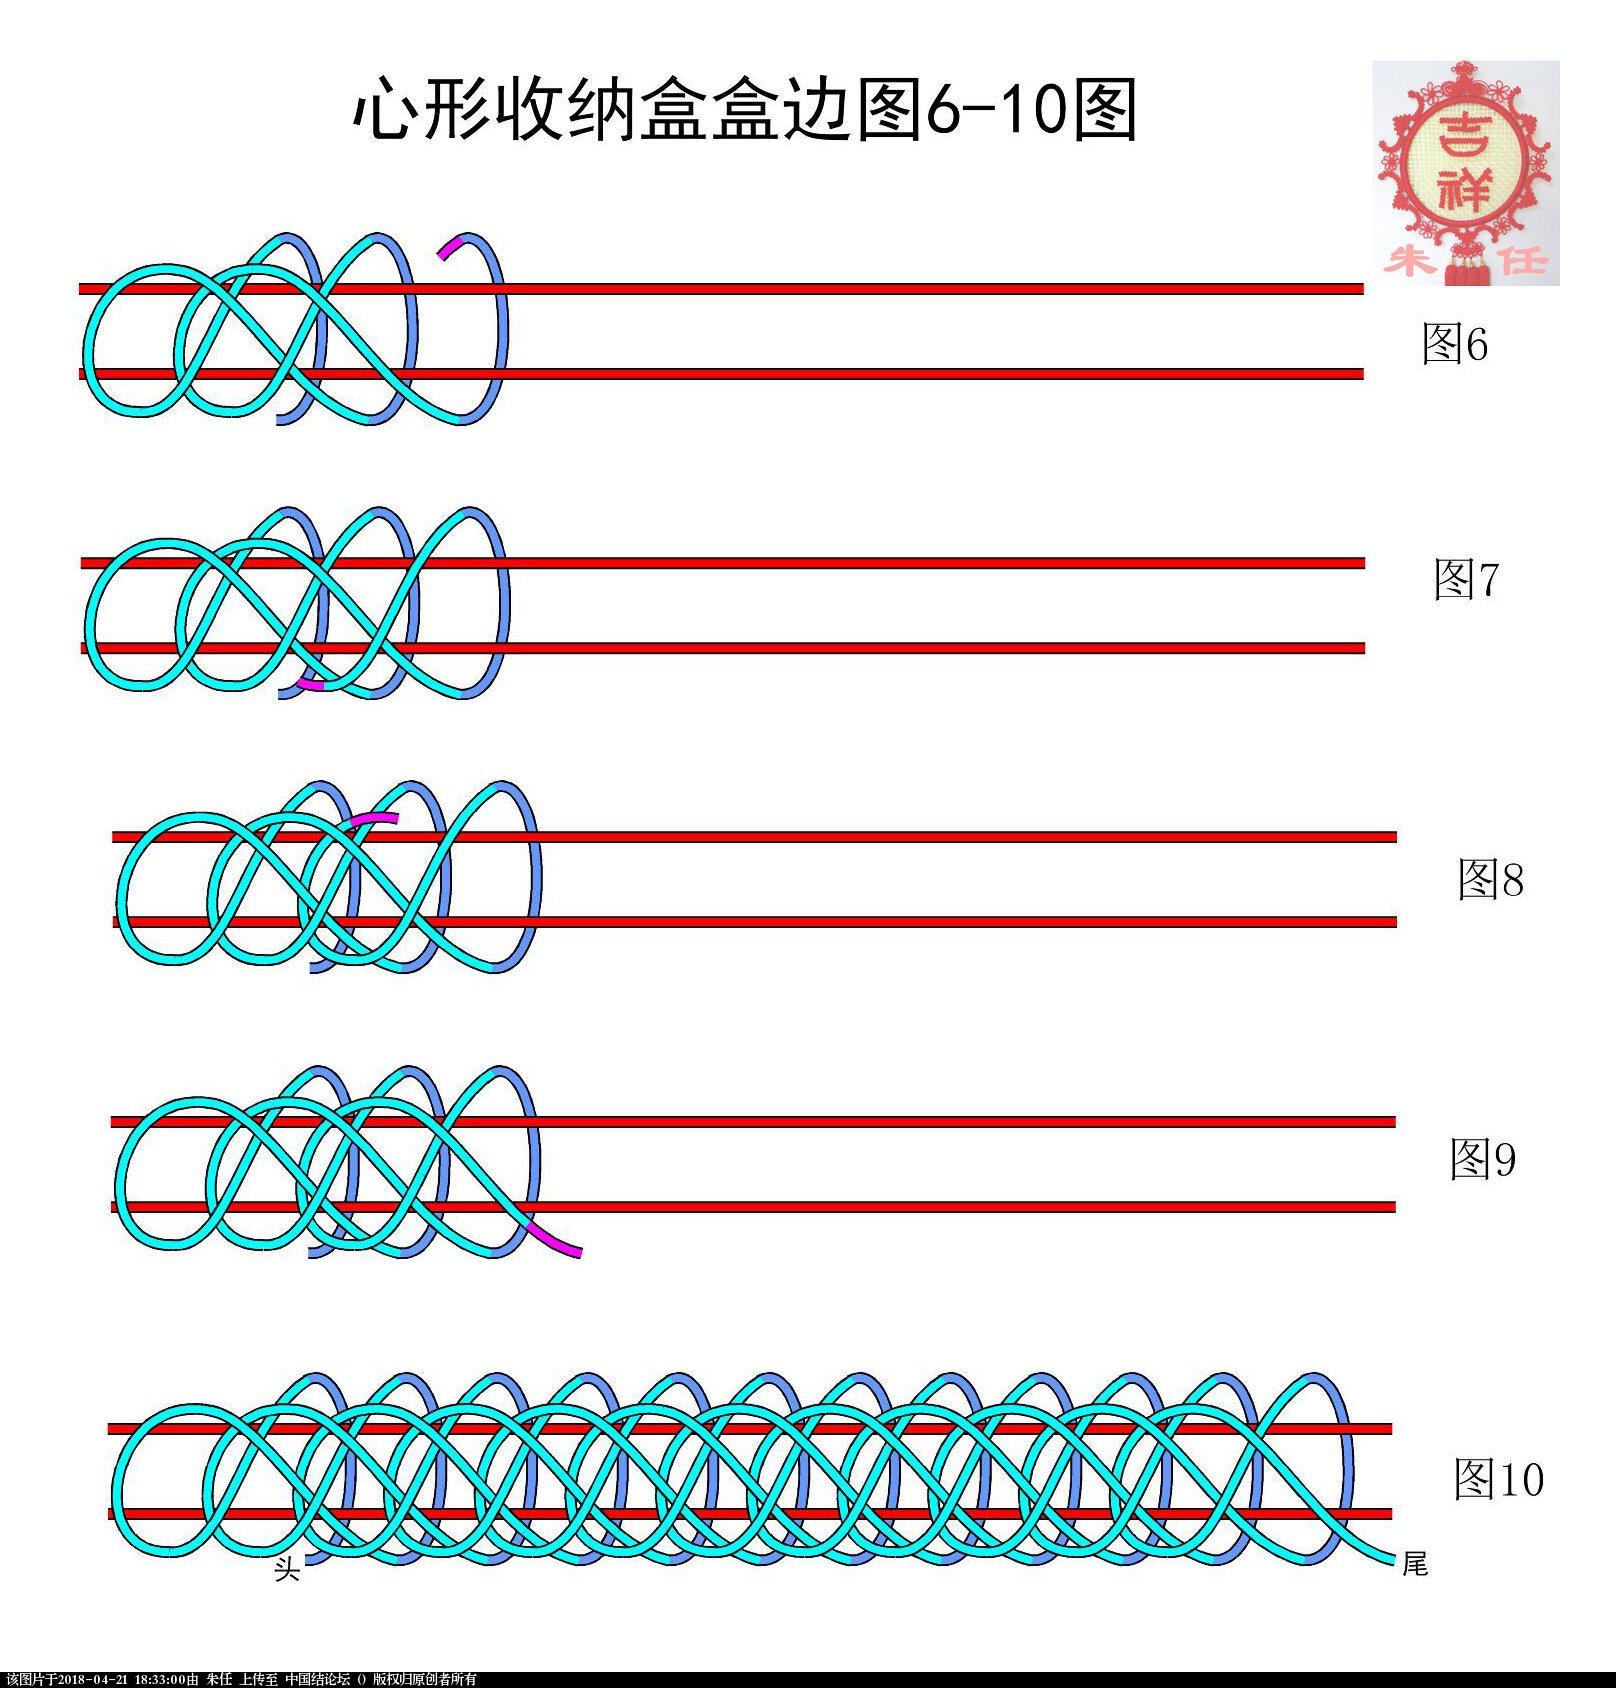 中国结论坛 为草莓花蕾的冰花结心形收纳筐及筐边画走线图  作品展示 183057r48bbb24m28b2brl